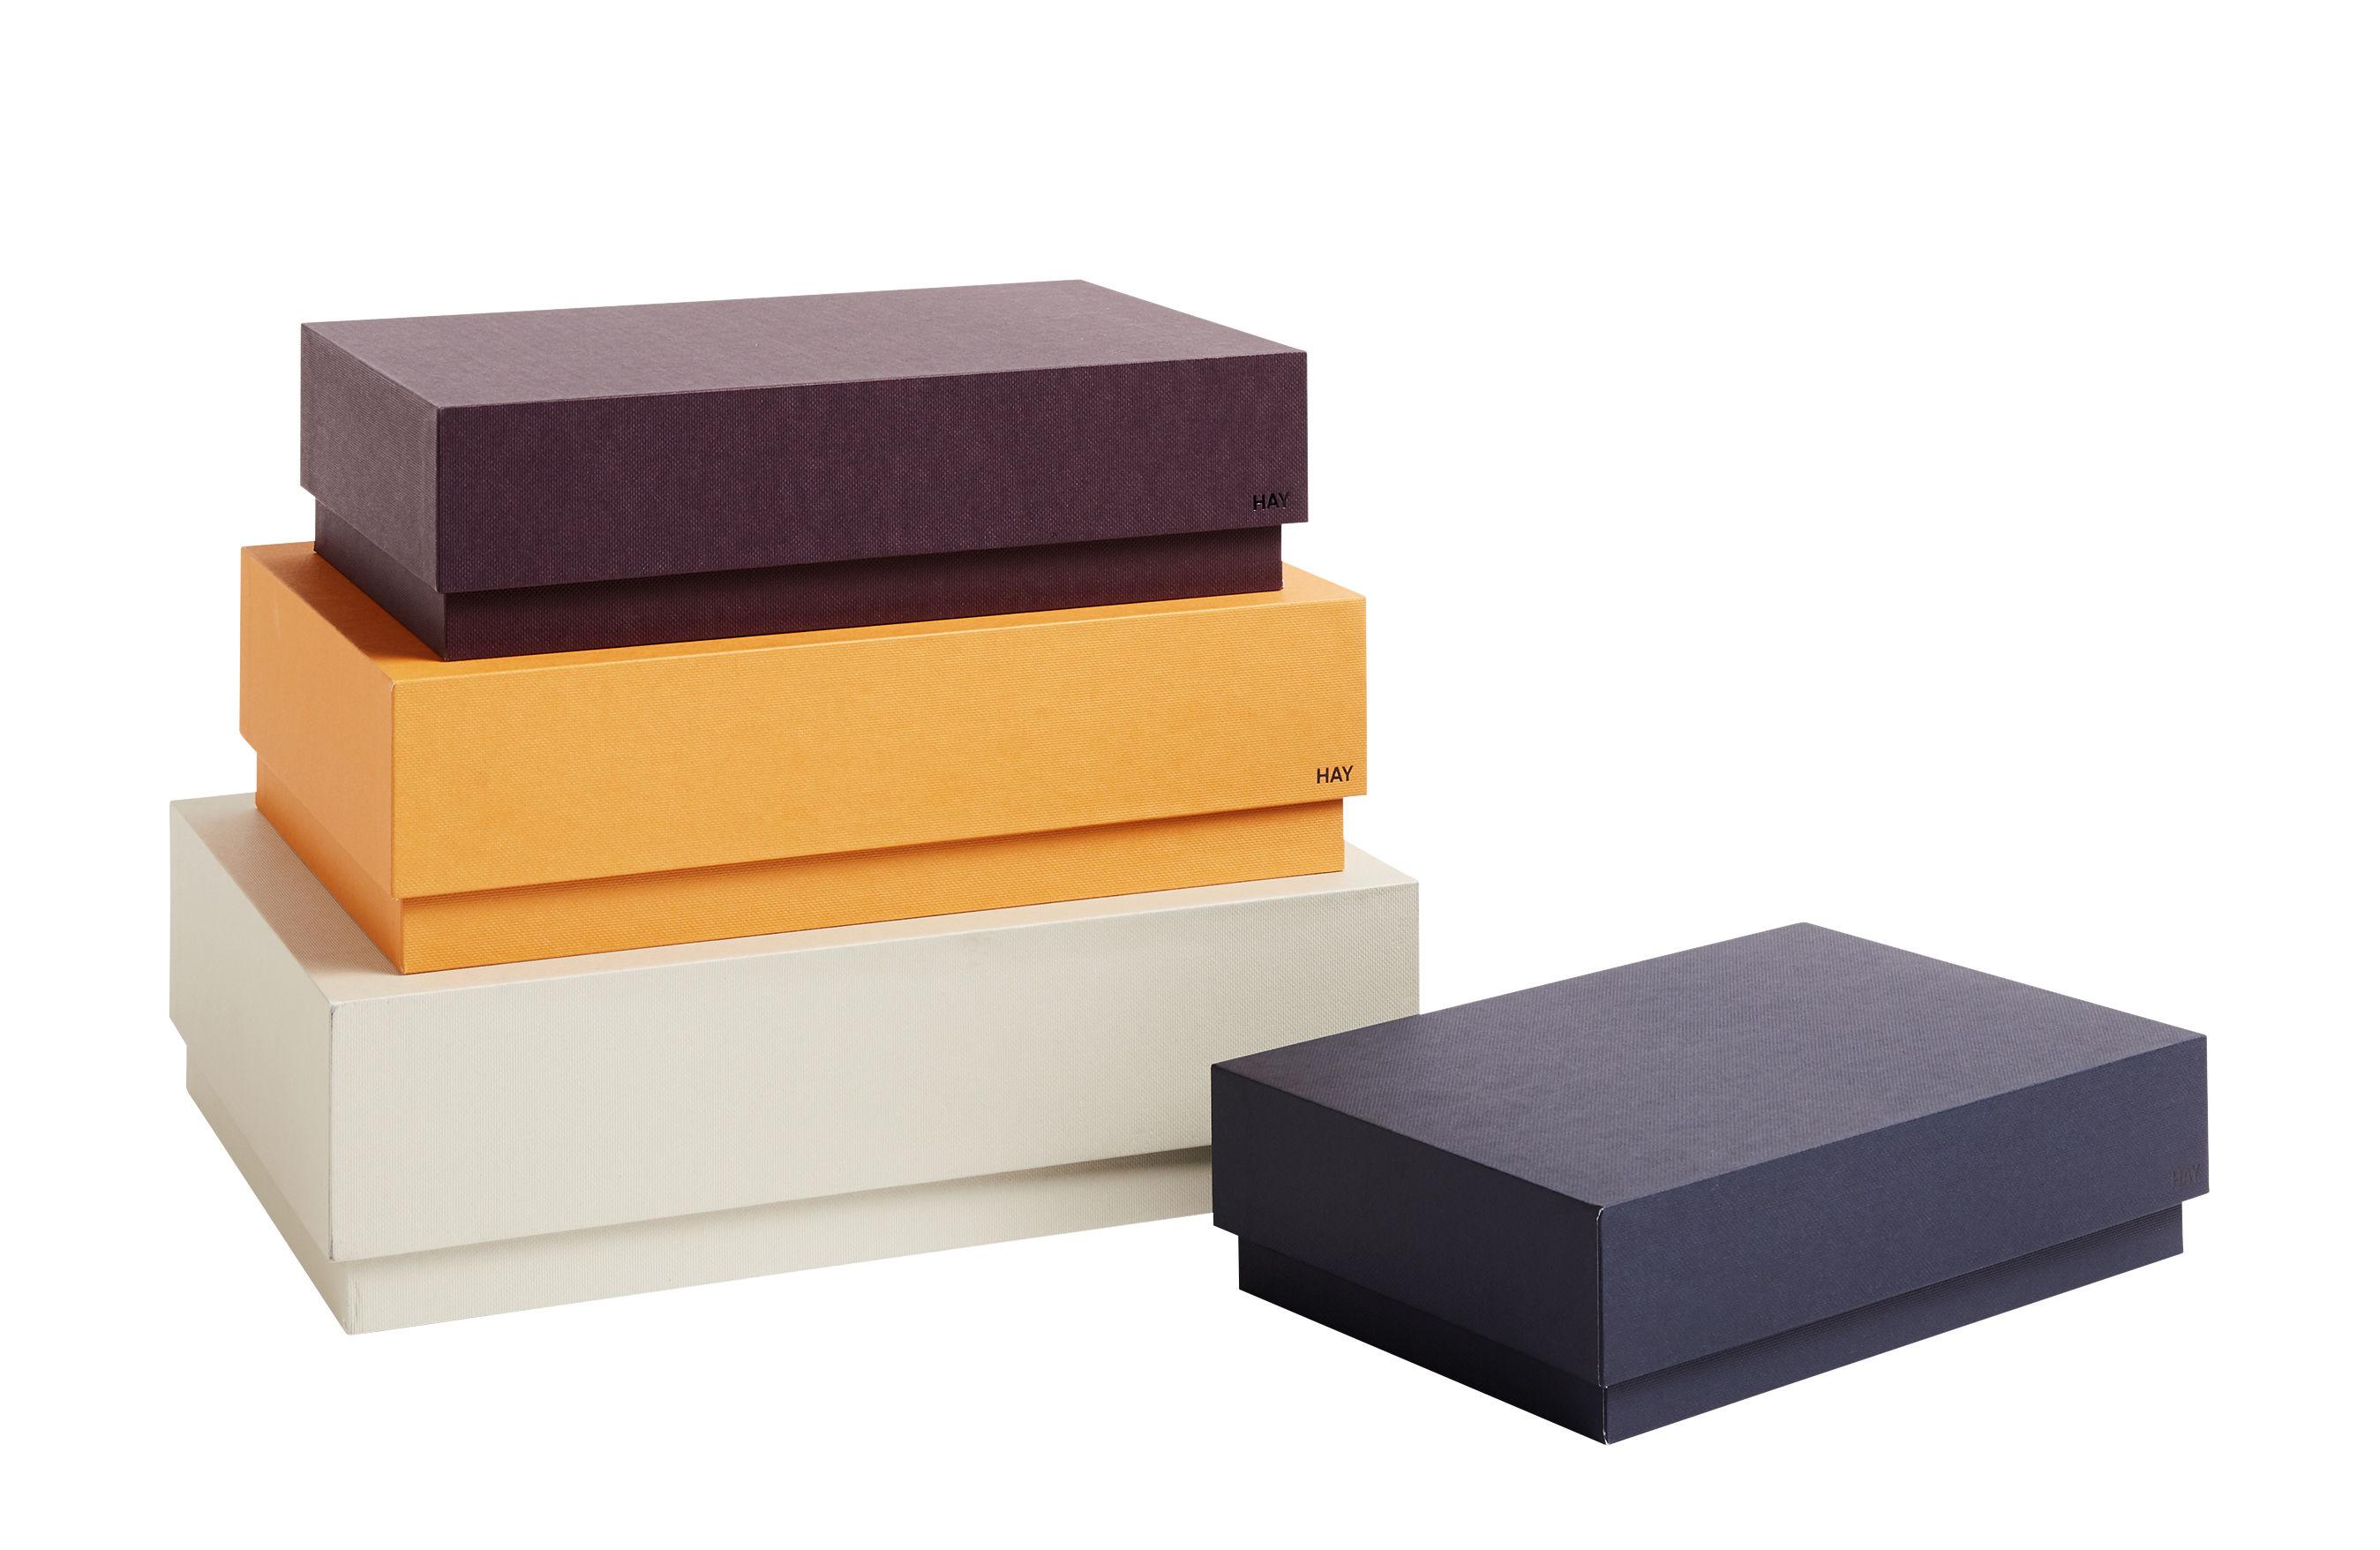 Interni - Scatole déco - Scatola Desktop - / Set di 4 - L 32 cm di Hay - Multicolore - Cartone